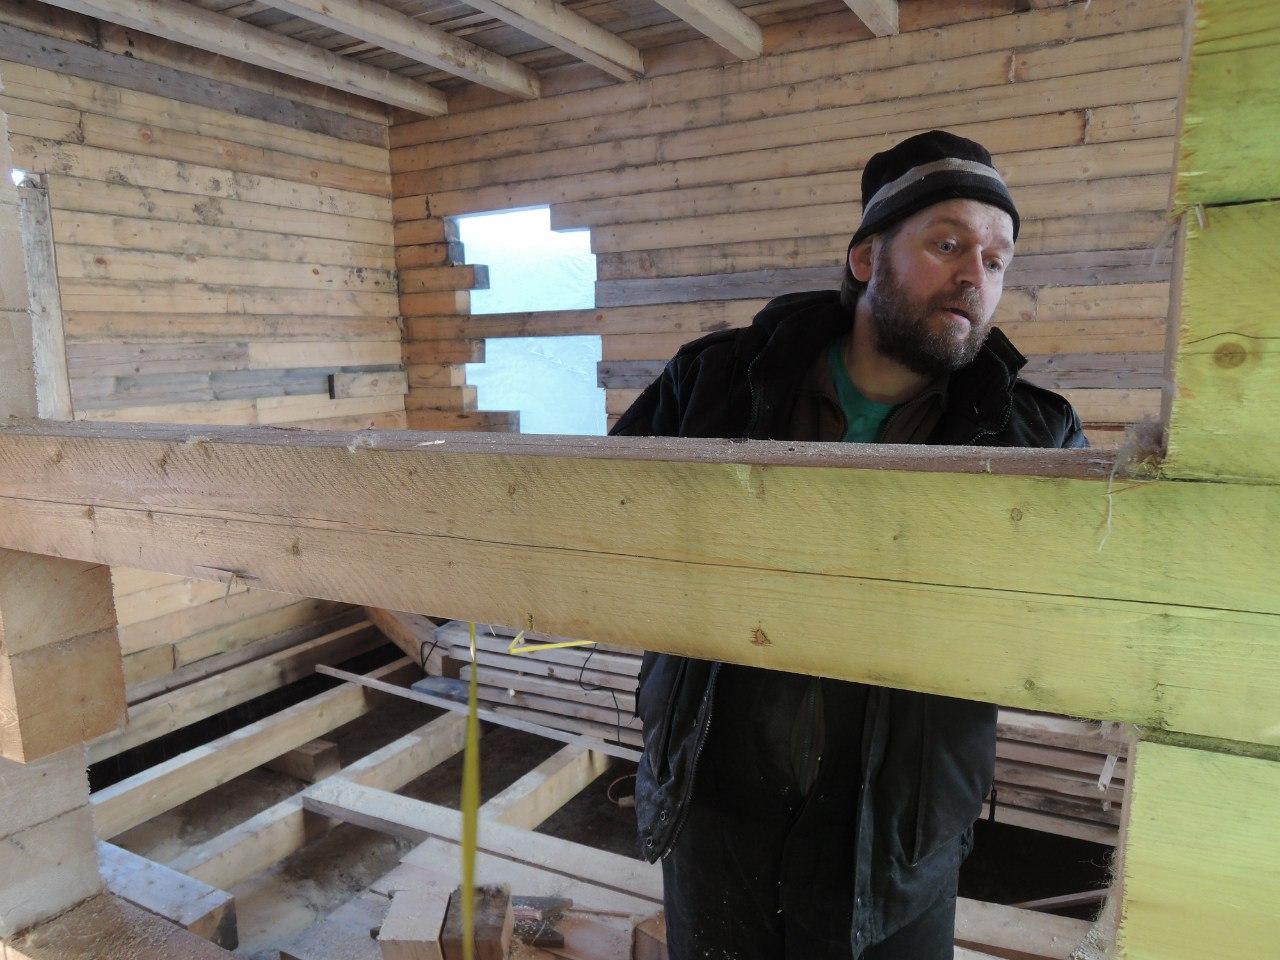 Срок заготовки древесины жителями  Коми для строительства домов предполагается увеличить с года до 20 лет